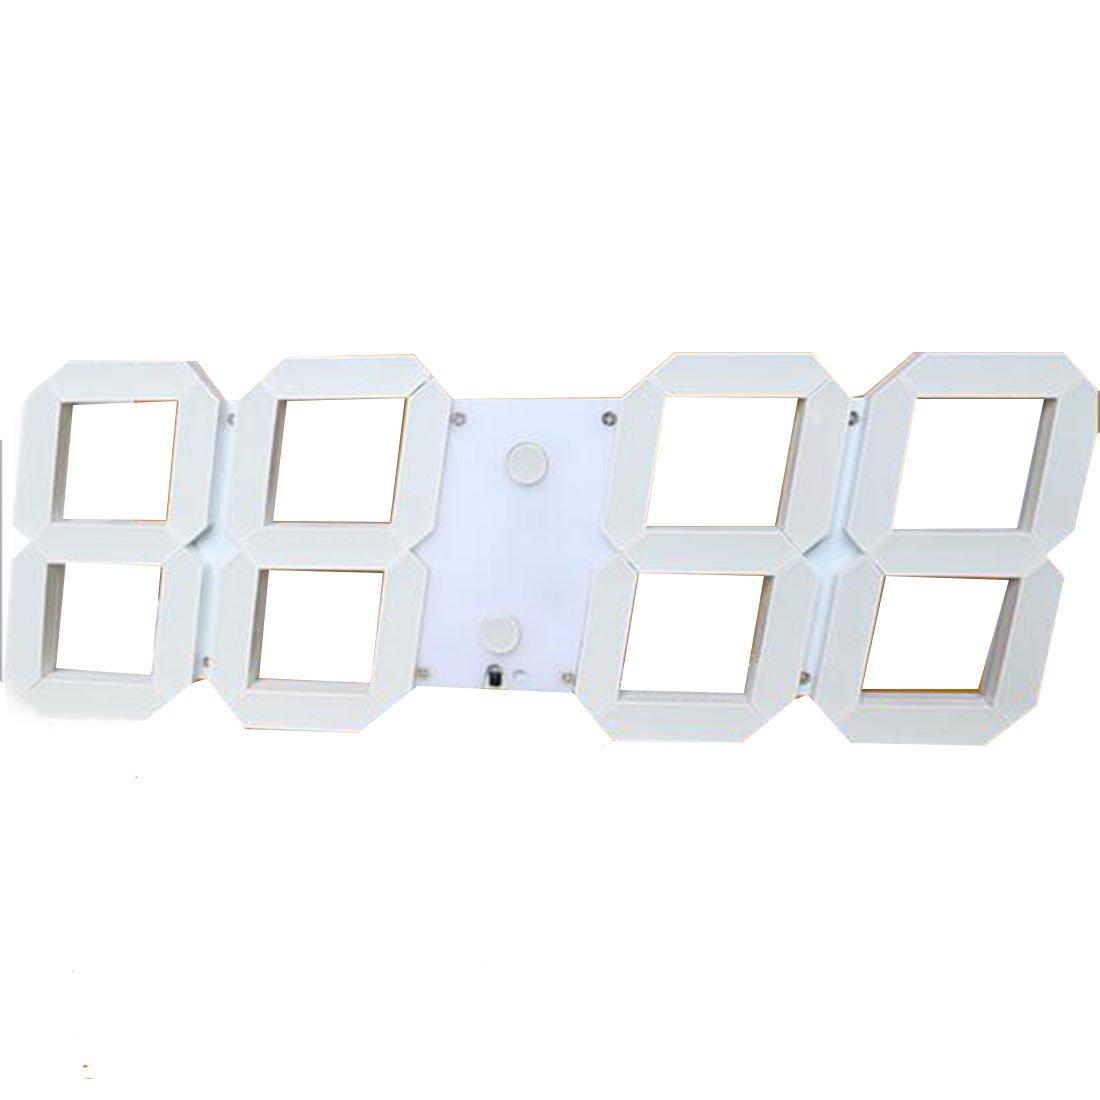 2016 Inicio de la decoración 3D del reloj digital LED de gran tamaño Escritorio moderno reloj de pared blanca: Amazon.es: Hogar